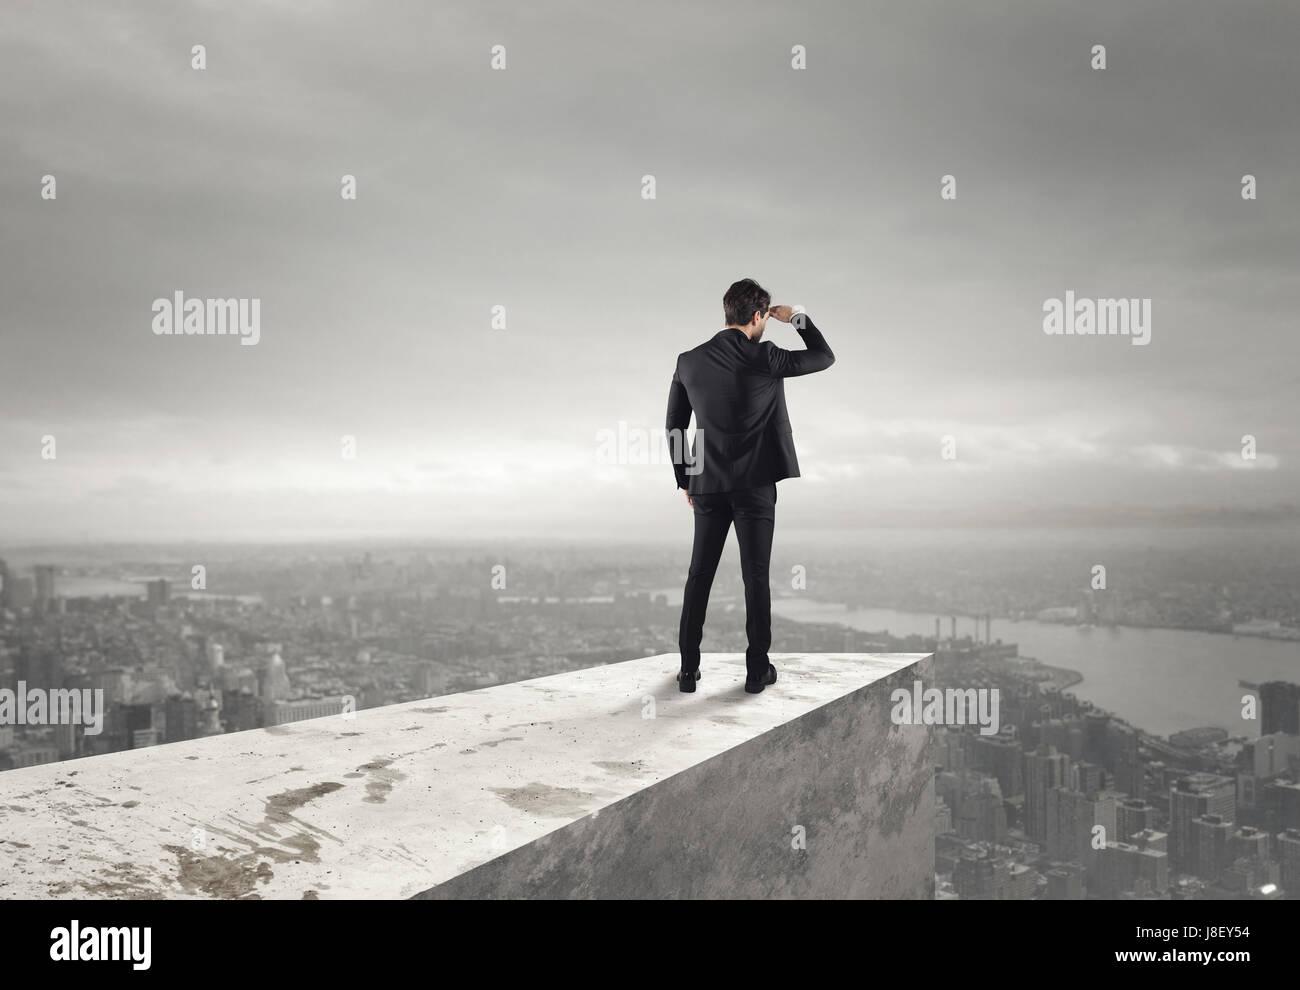 Mirar hacia el futuro Imagen De Stock